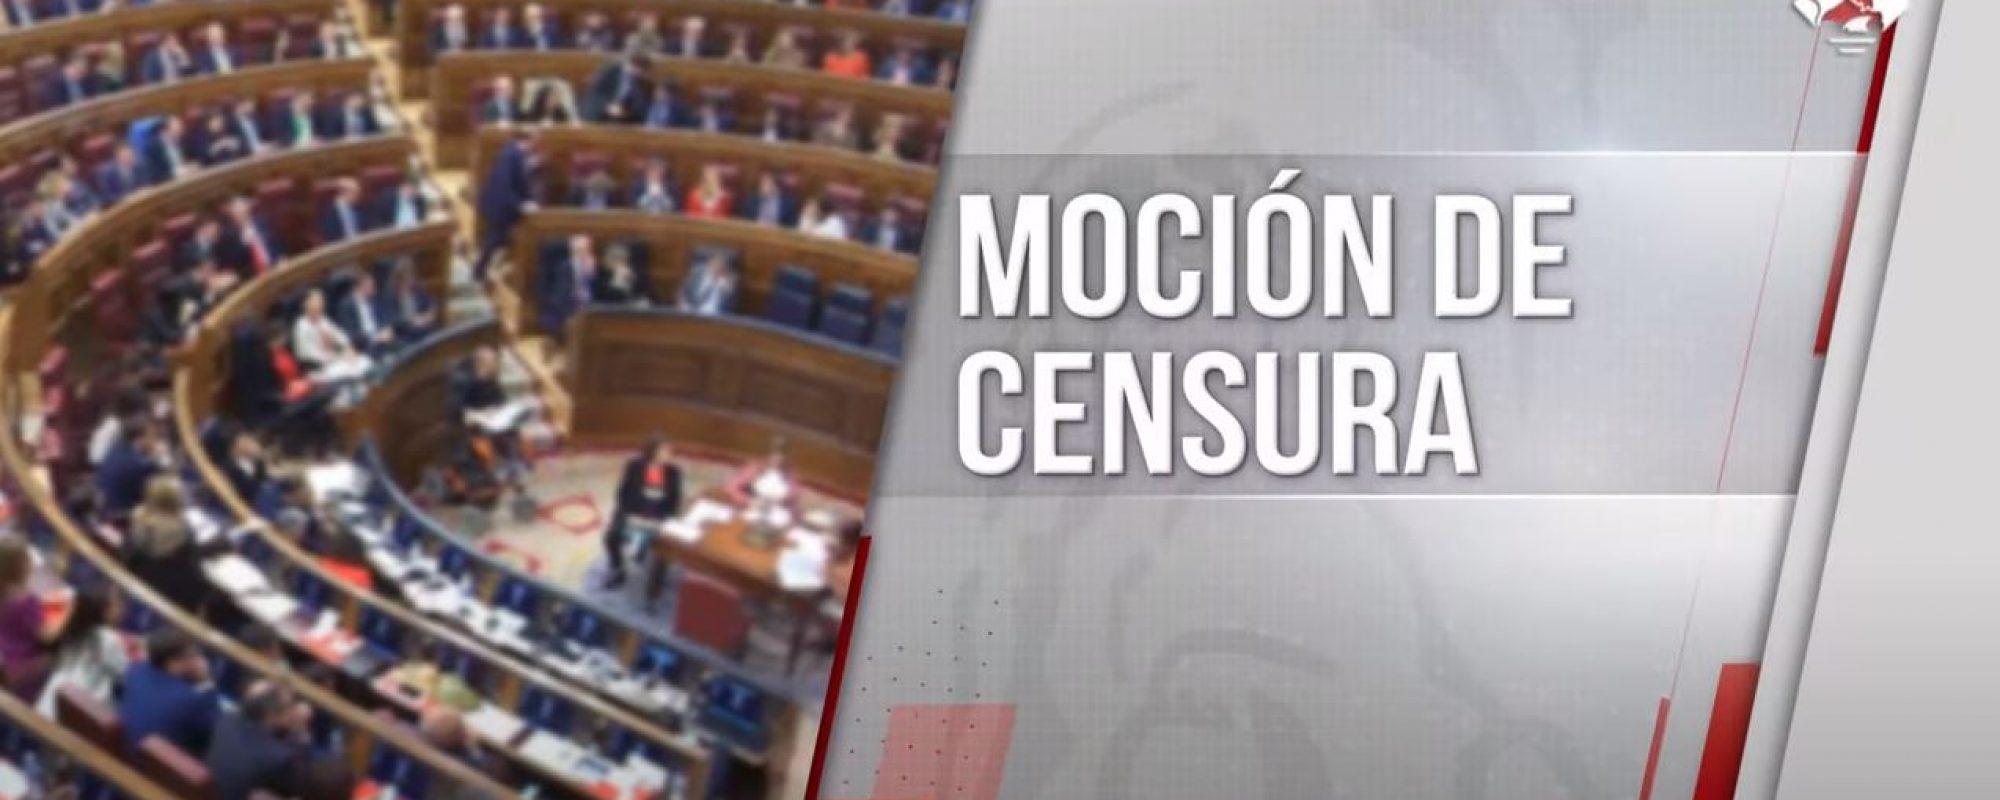 Moción de censura de Vox, Octubre 2020